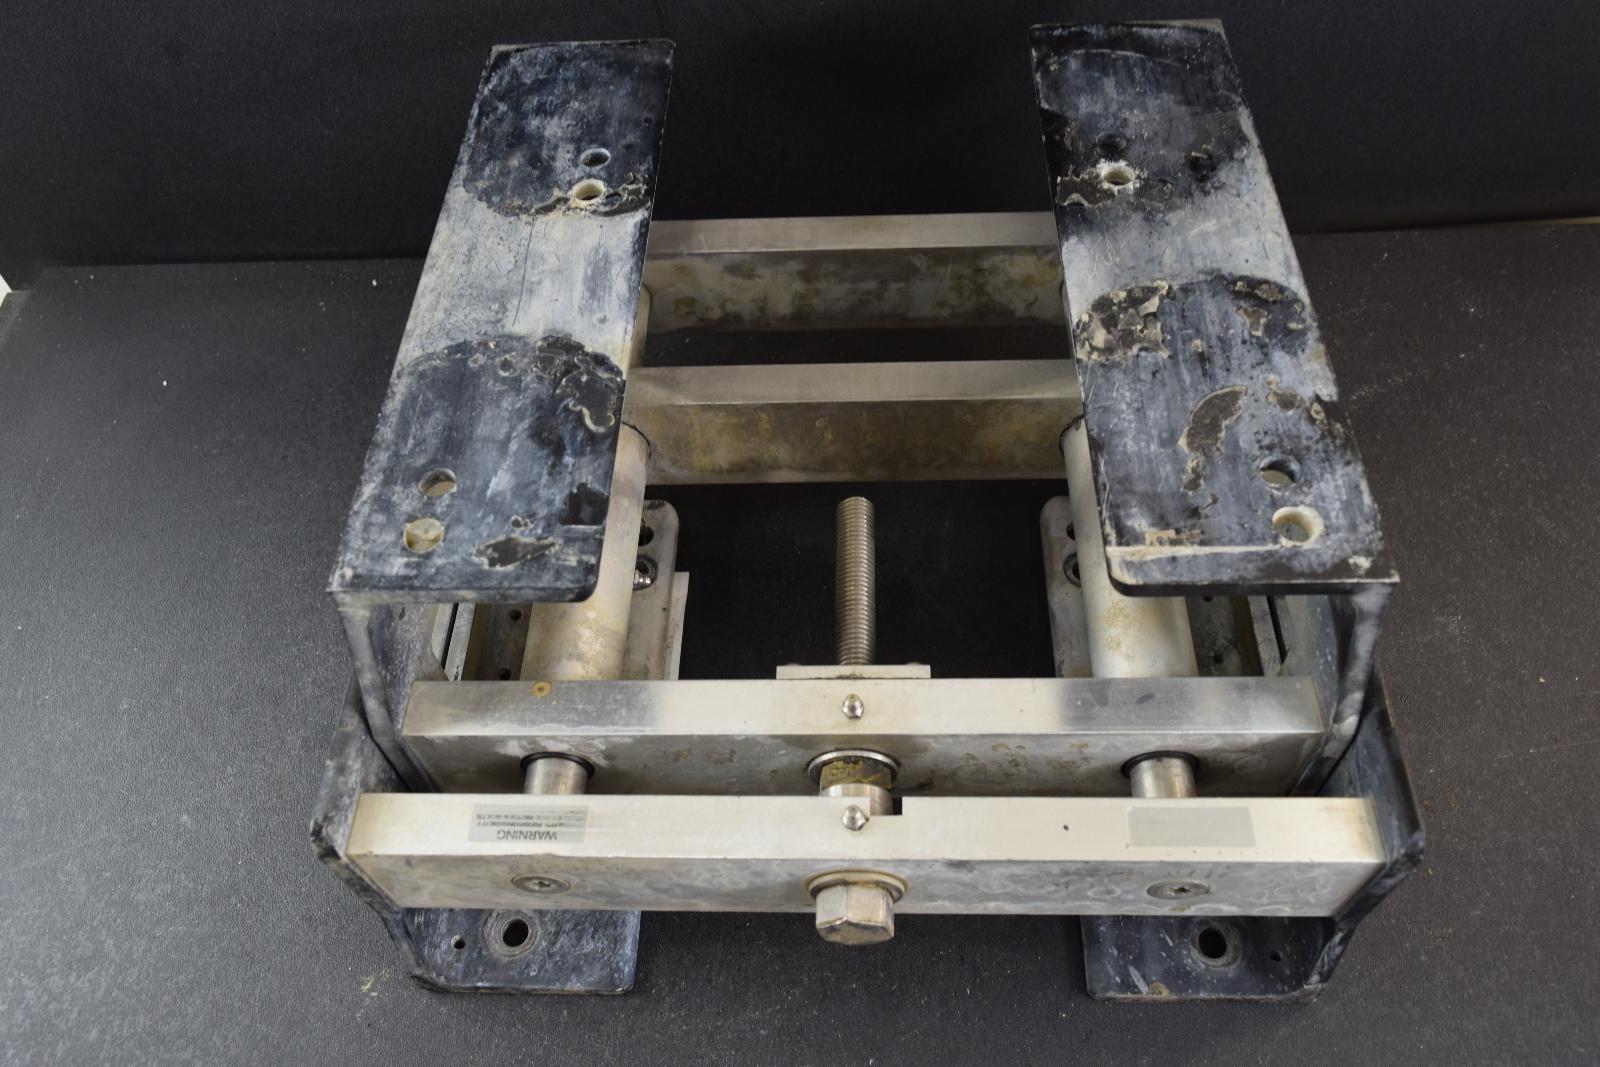 Universal Manual Detwiler Jack Plate Set Transom Support